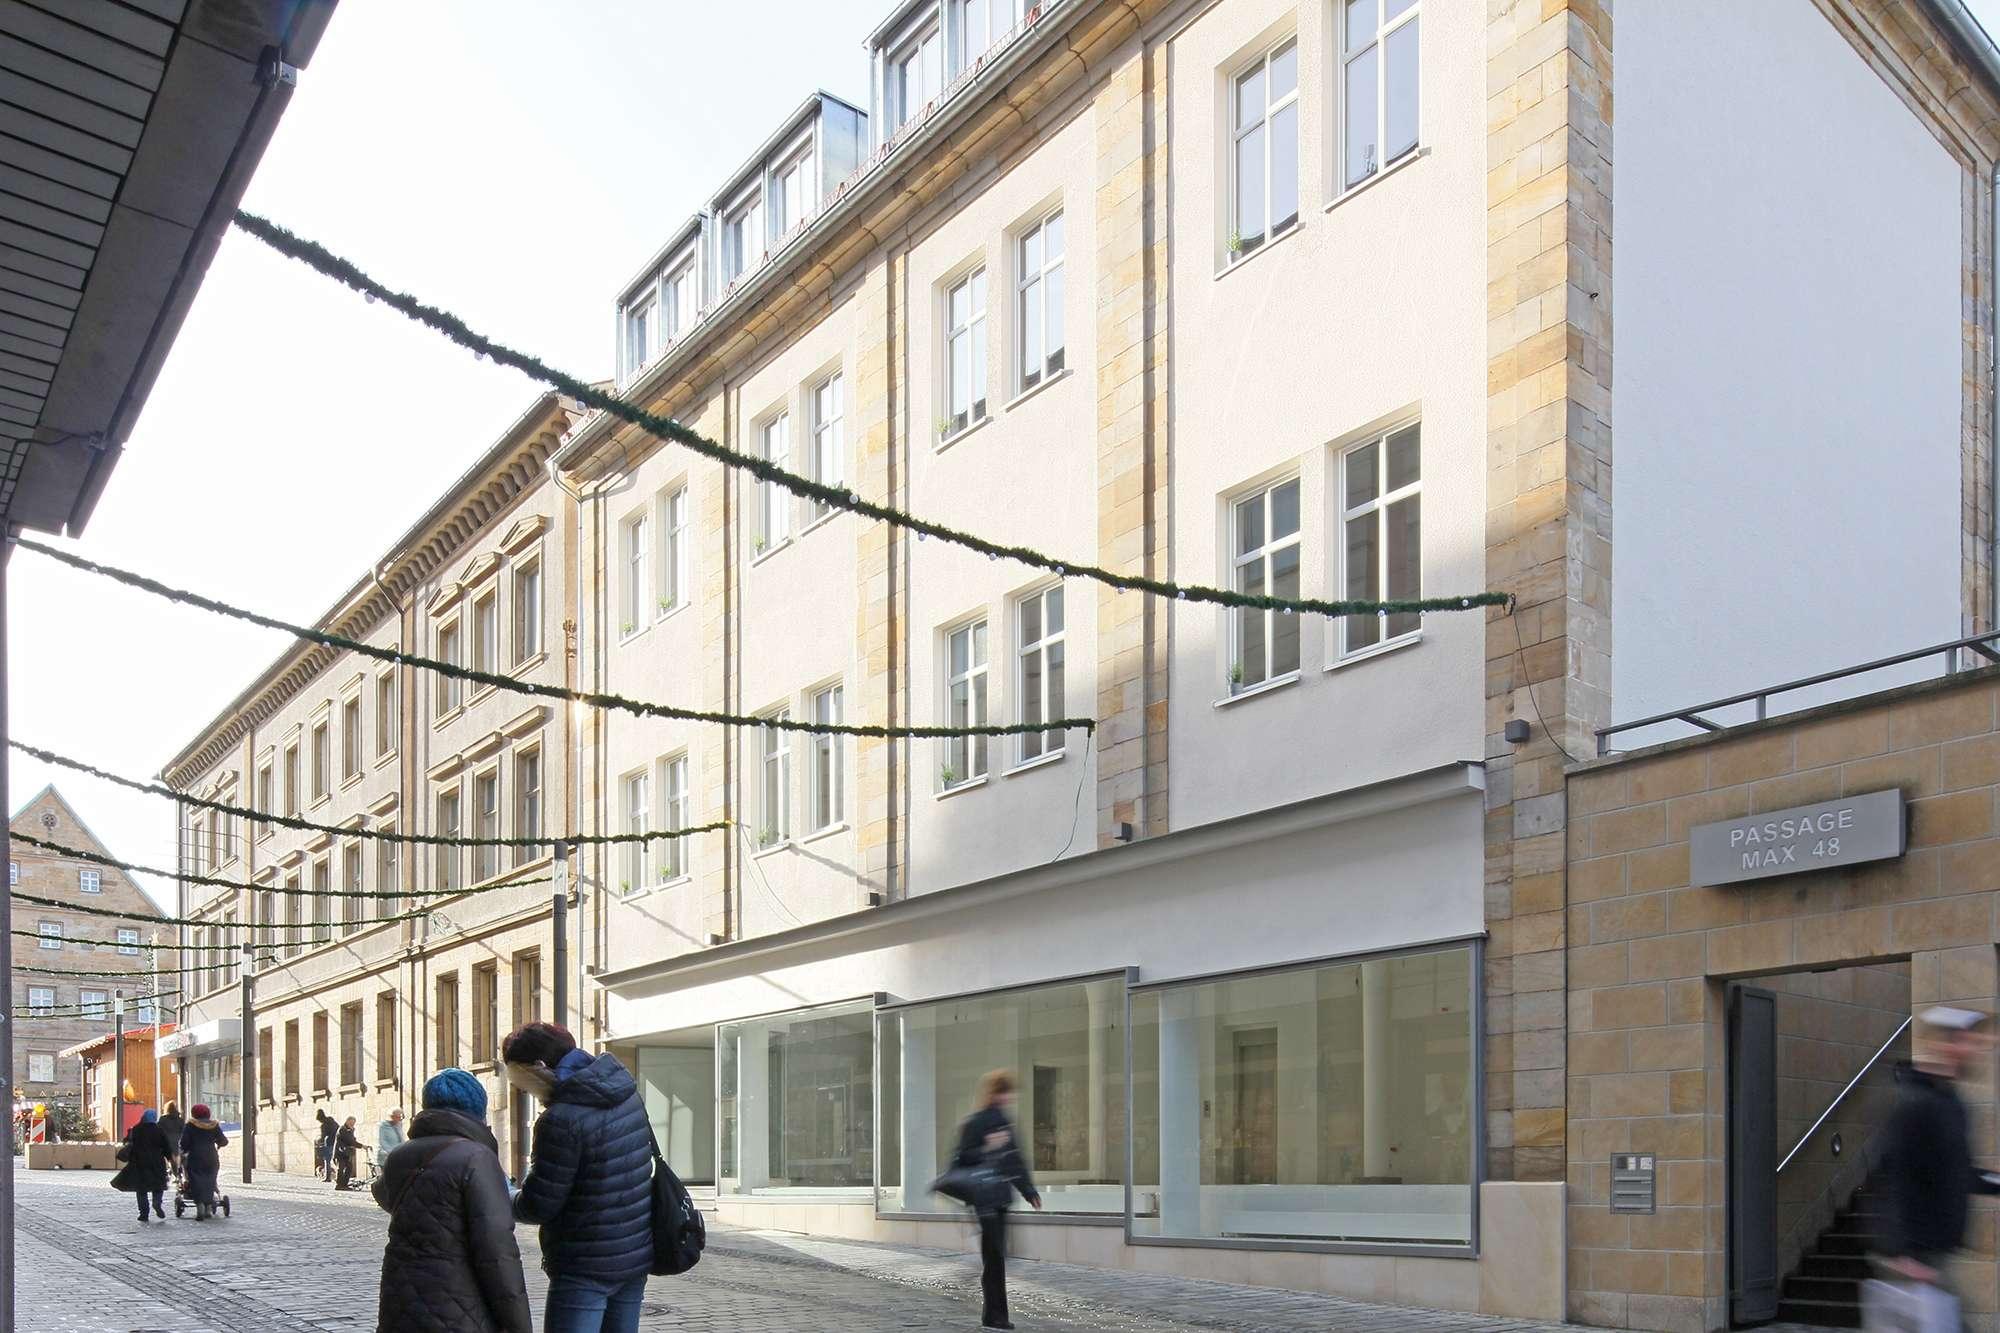 2019 kernsanierte Büroetage im 1.OG am Marktplatz/ZOH mit Aufzug und Parkettboden!